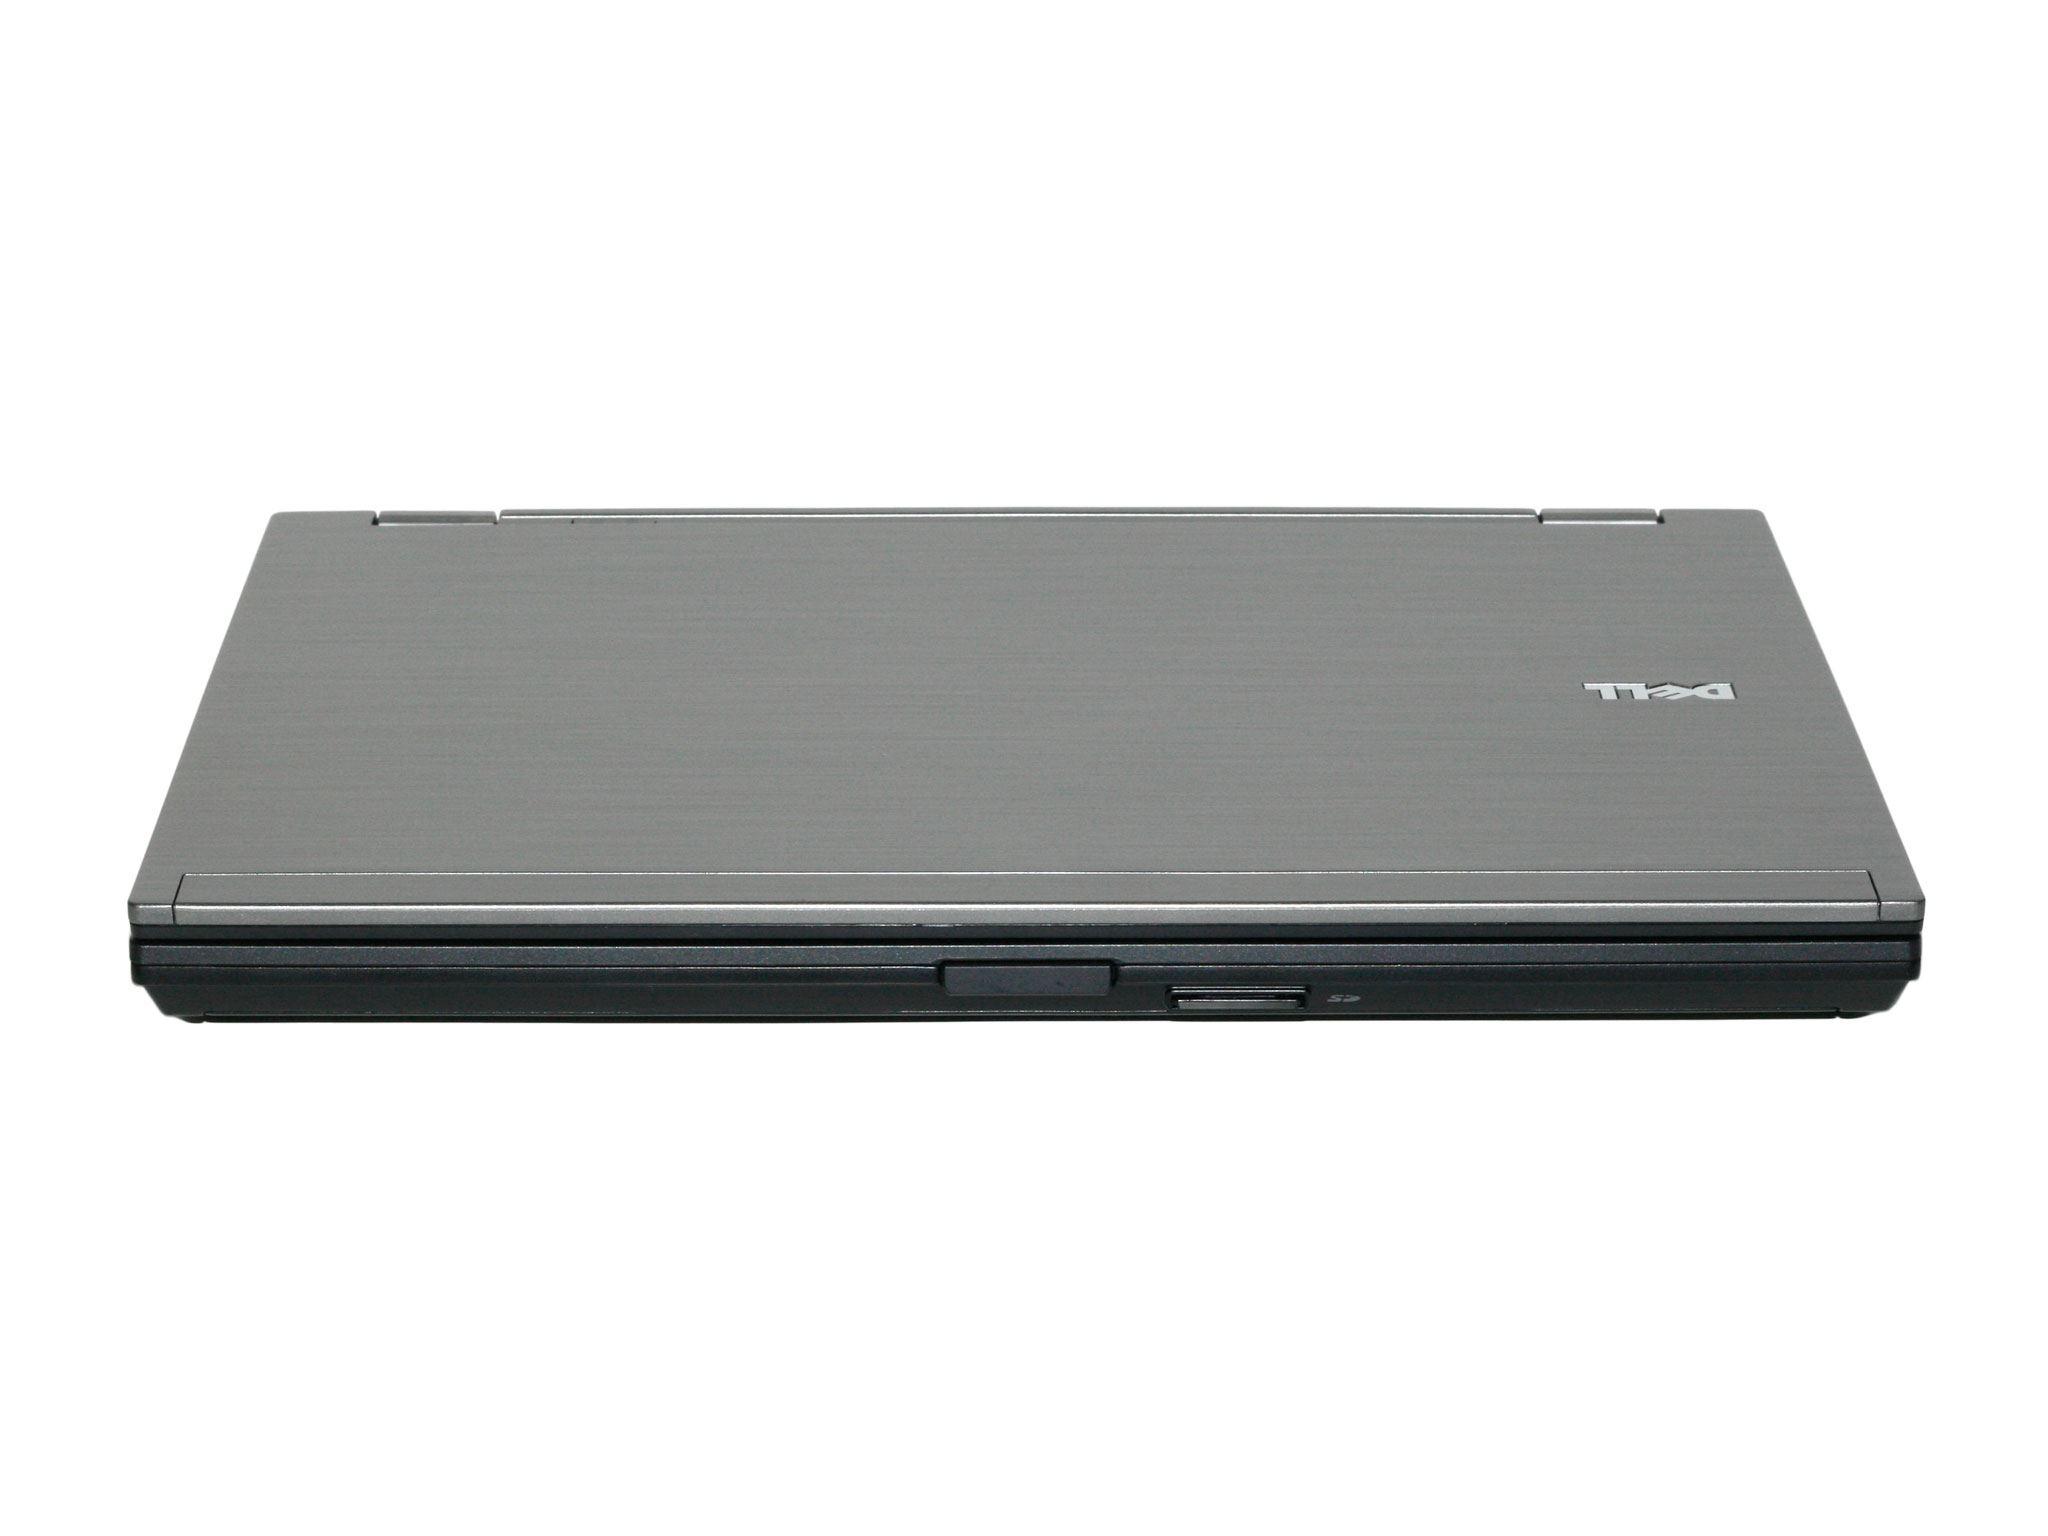 Dell Latitude E5410 – 3005